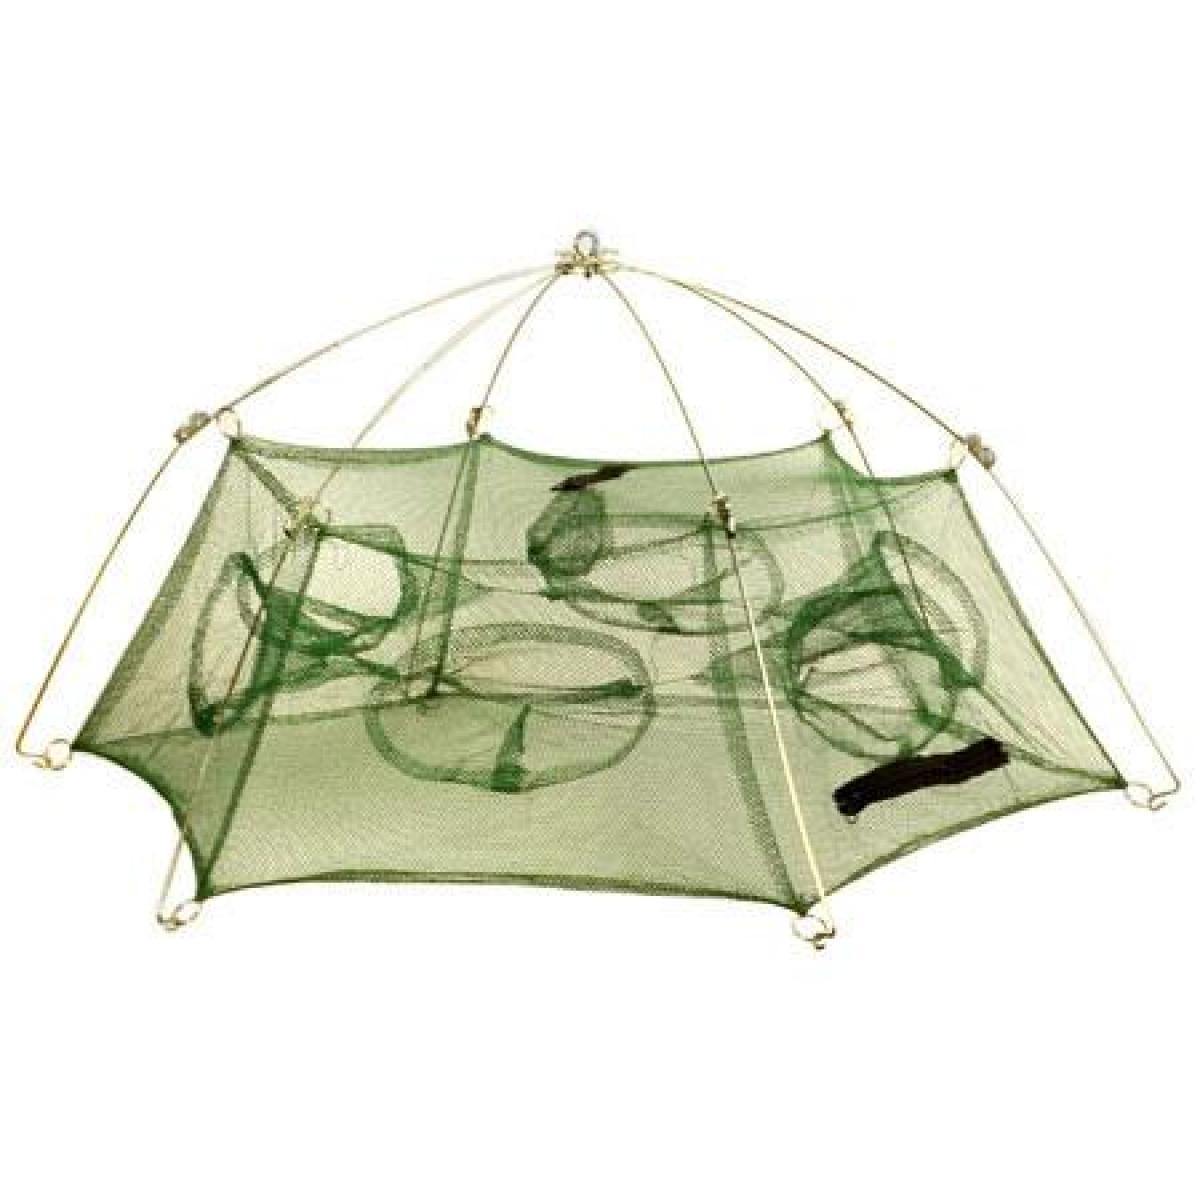 Сетка зонт 6 окон 6 секций d85